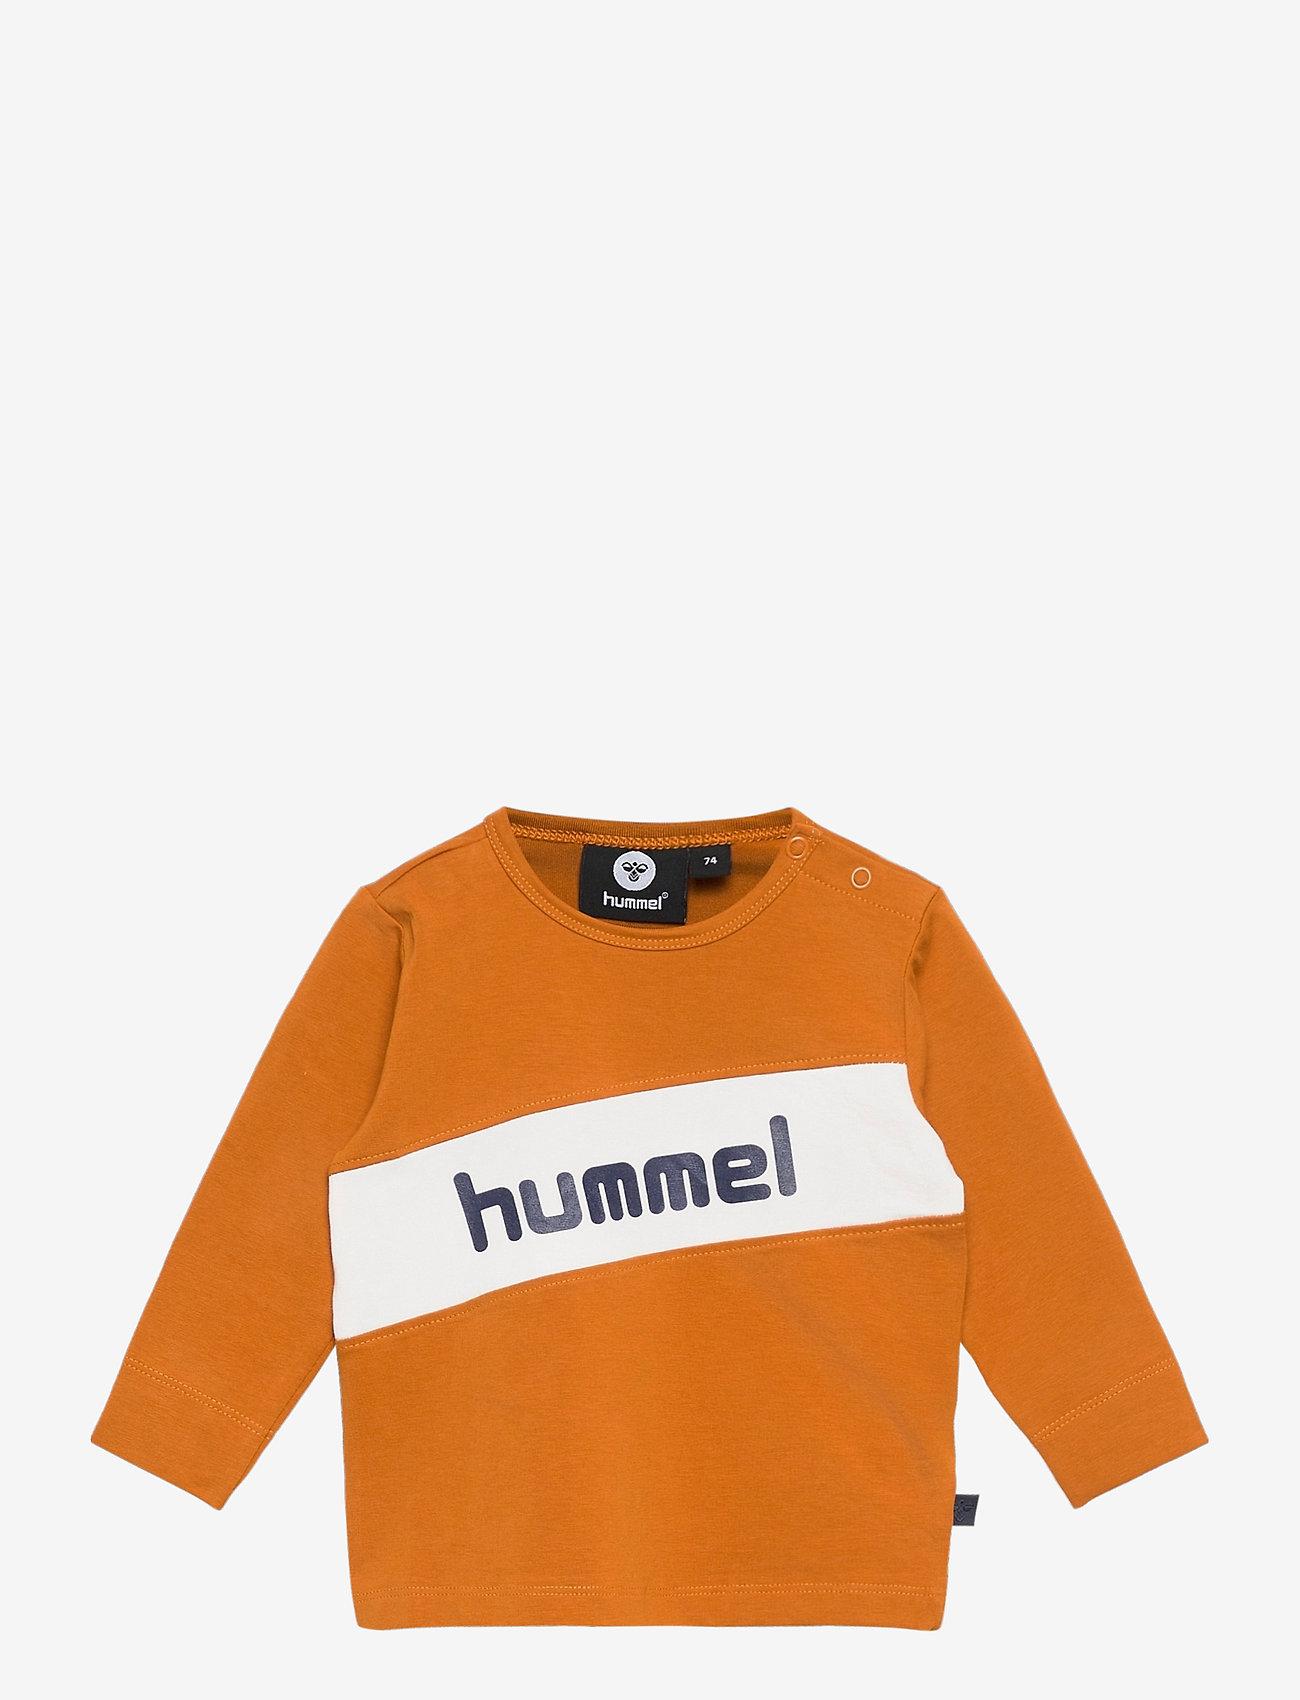 Hummel - hmlCLEMENT T-SHIRT L/S - long-sleeved t-shirts - pumpkin spice - 0